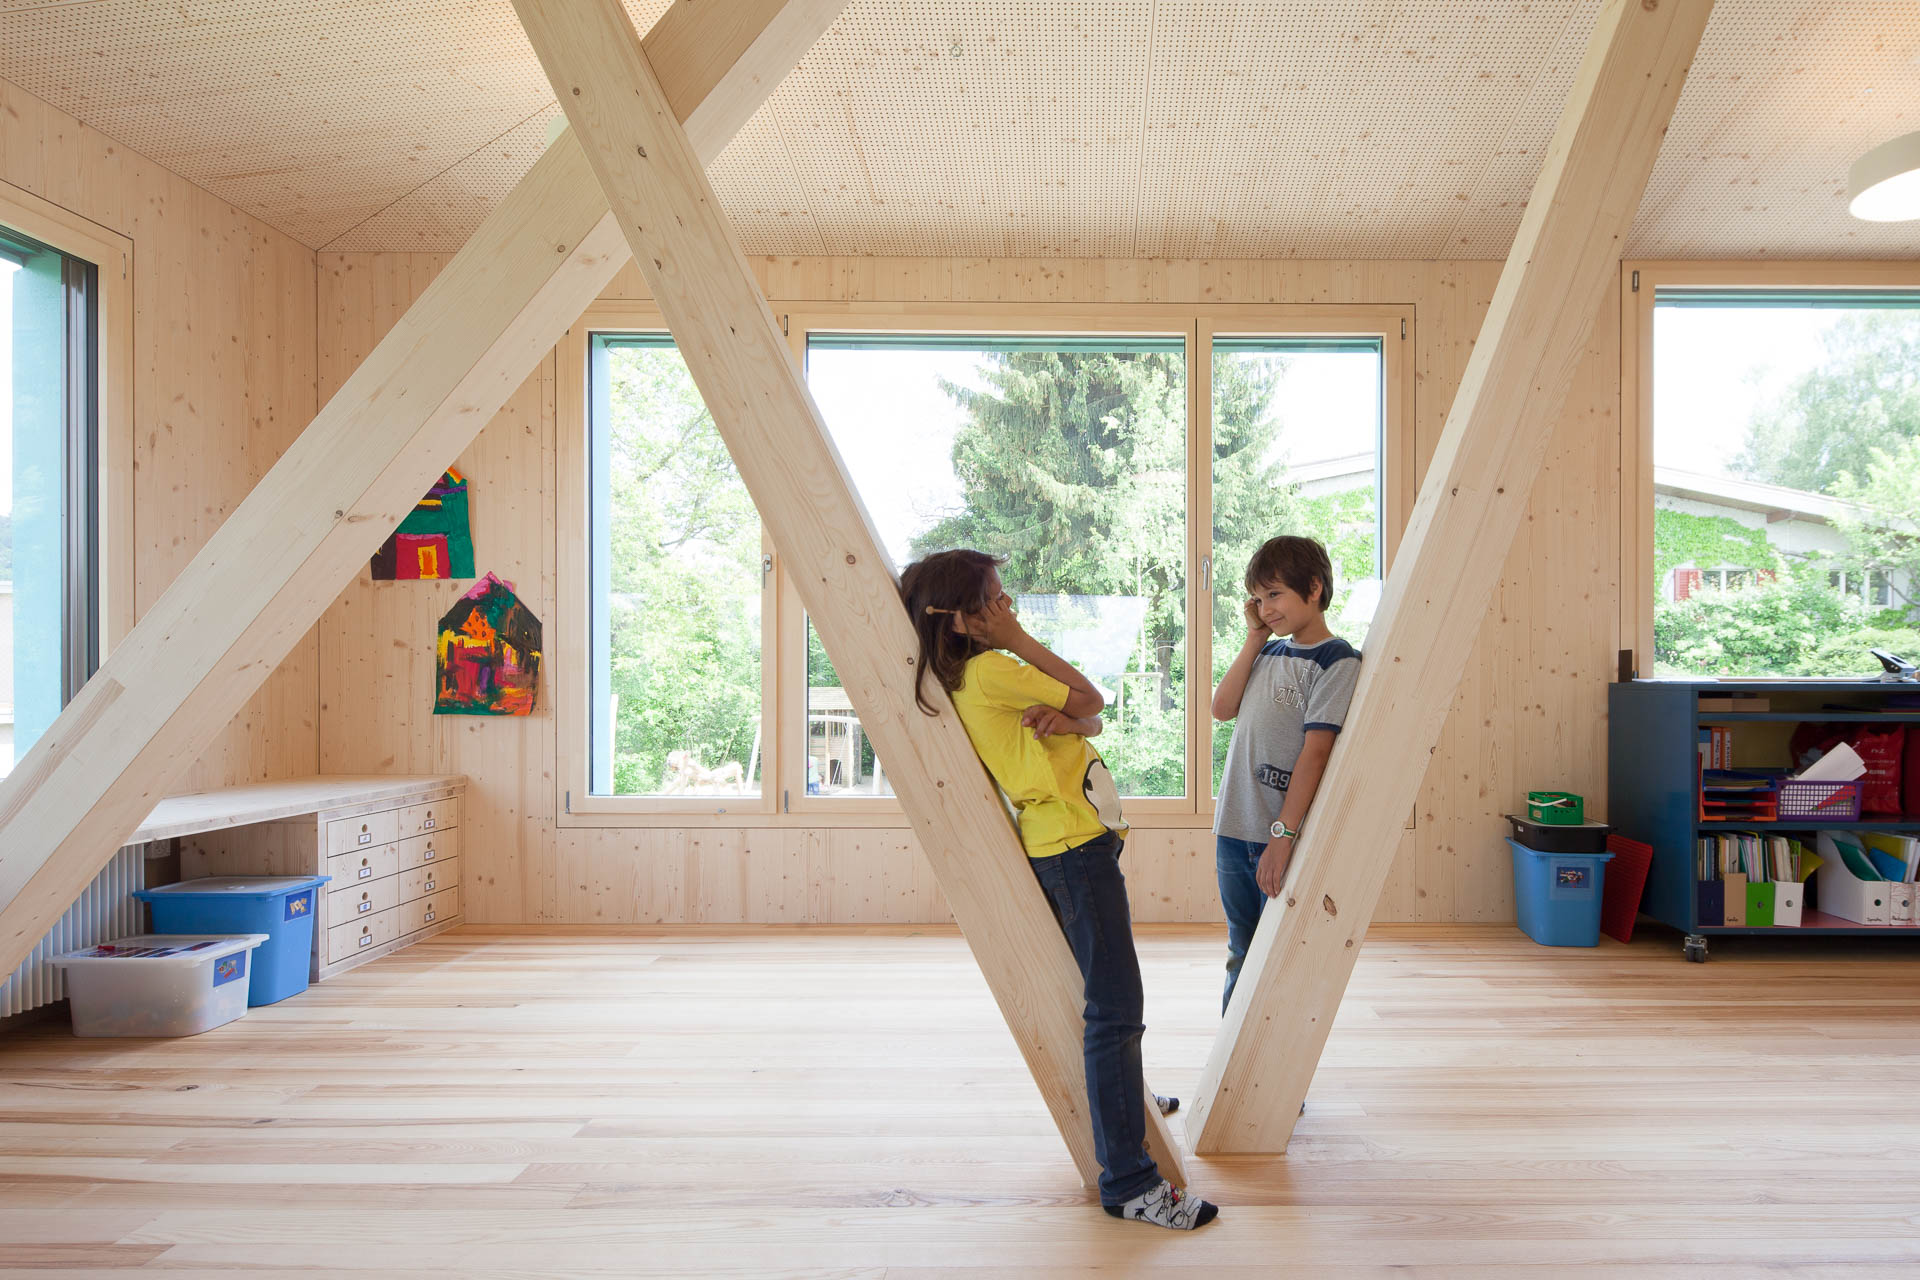 Kindergarten_Affoltern_am_Albis_150524-5420-2